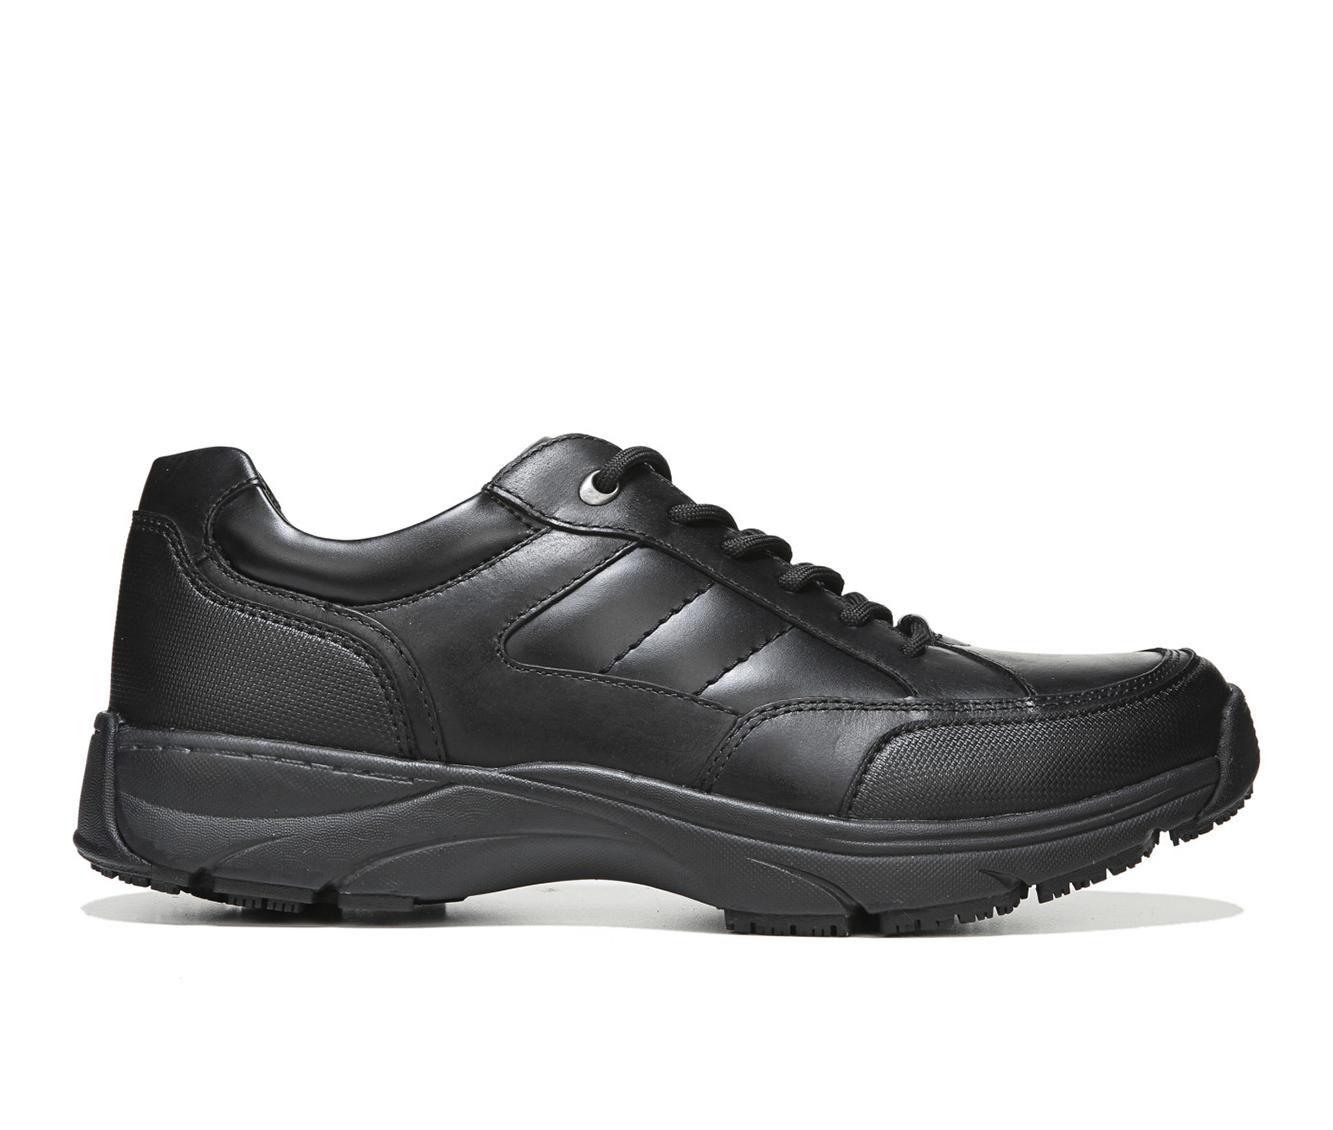 Dr. Scholls Aiden Men's Boots (Black Leather)